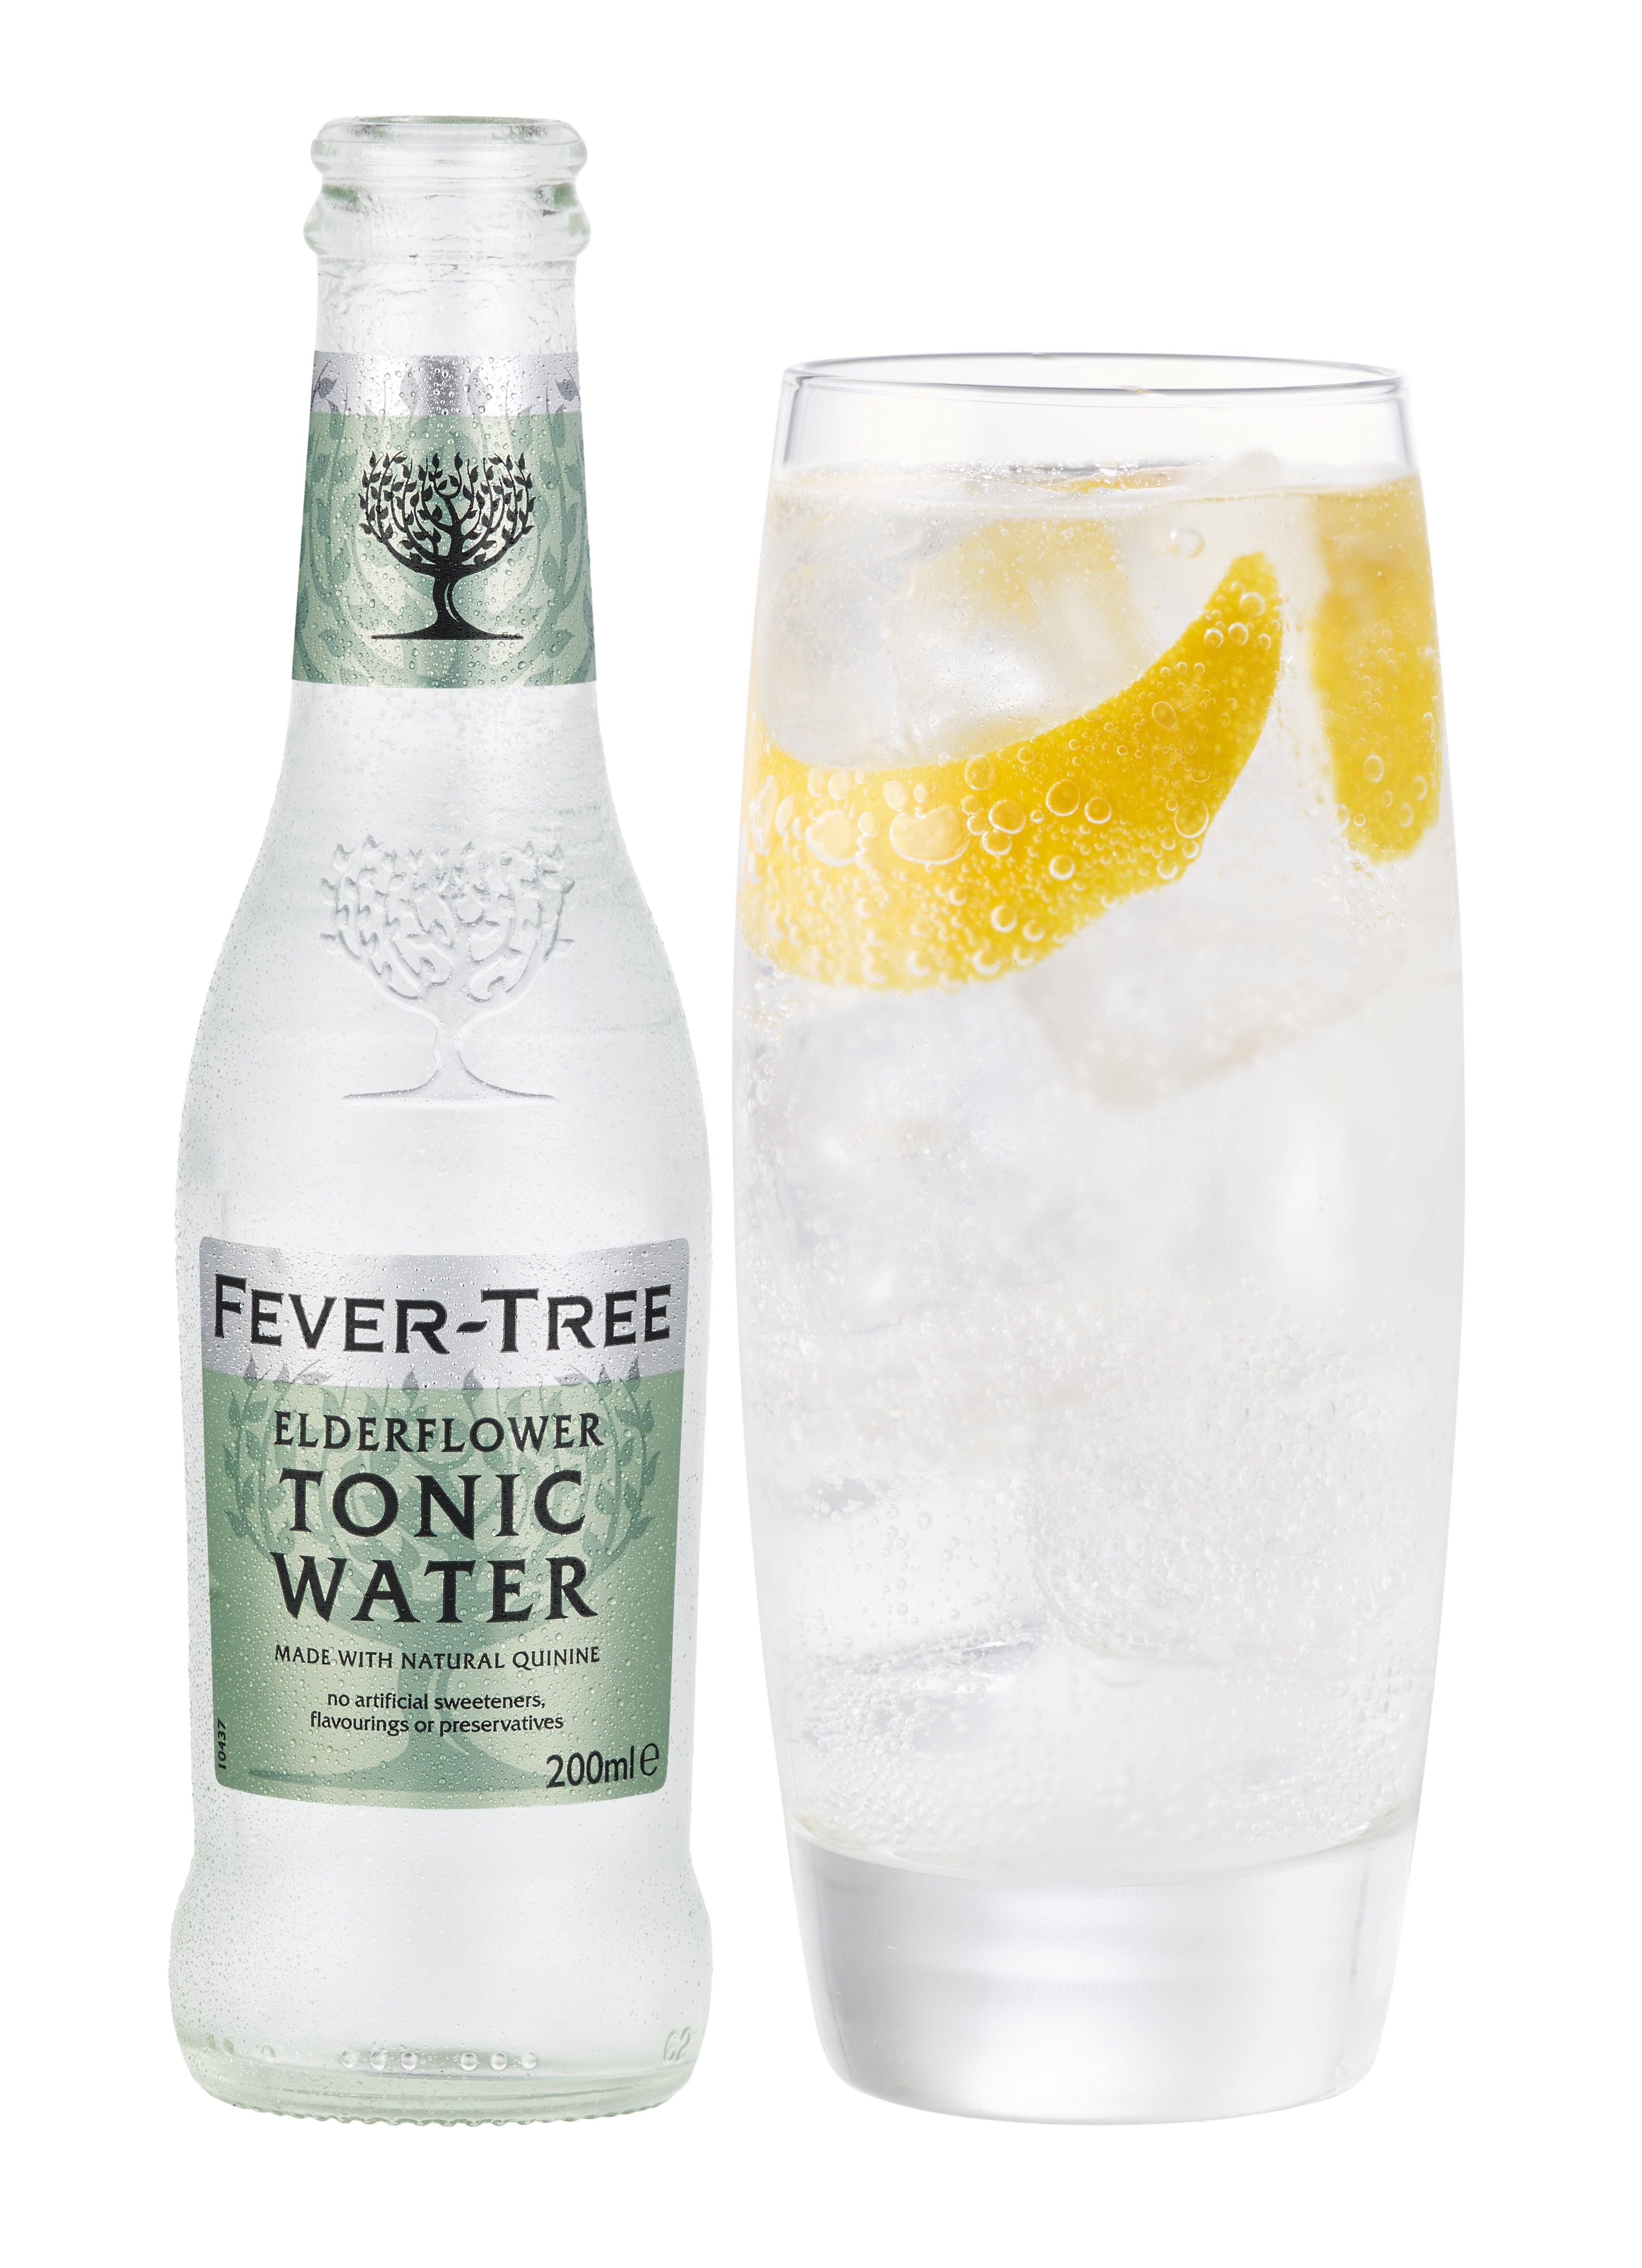 Fever Tree Elderflower Tonic Highball glass with Orange Curl